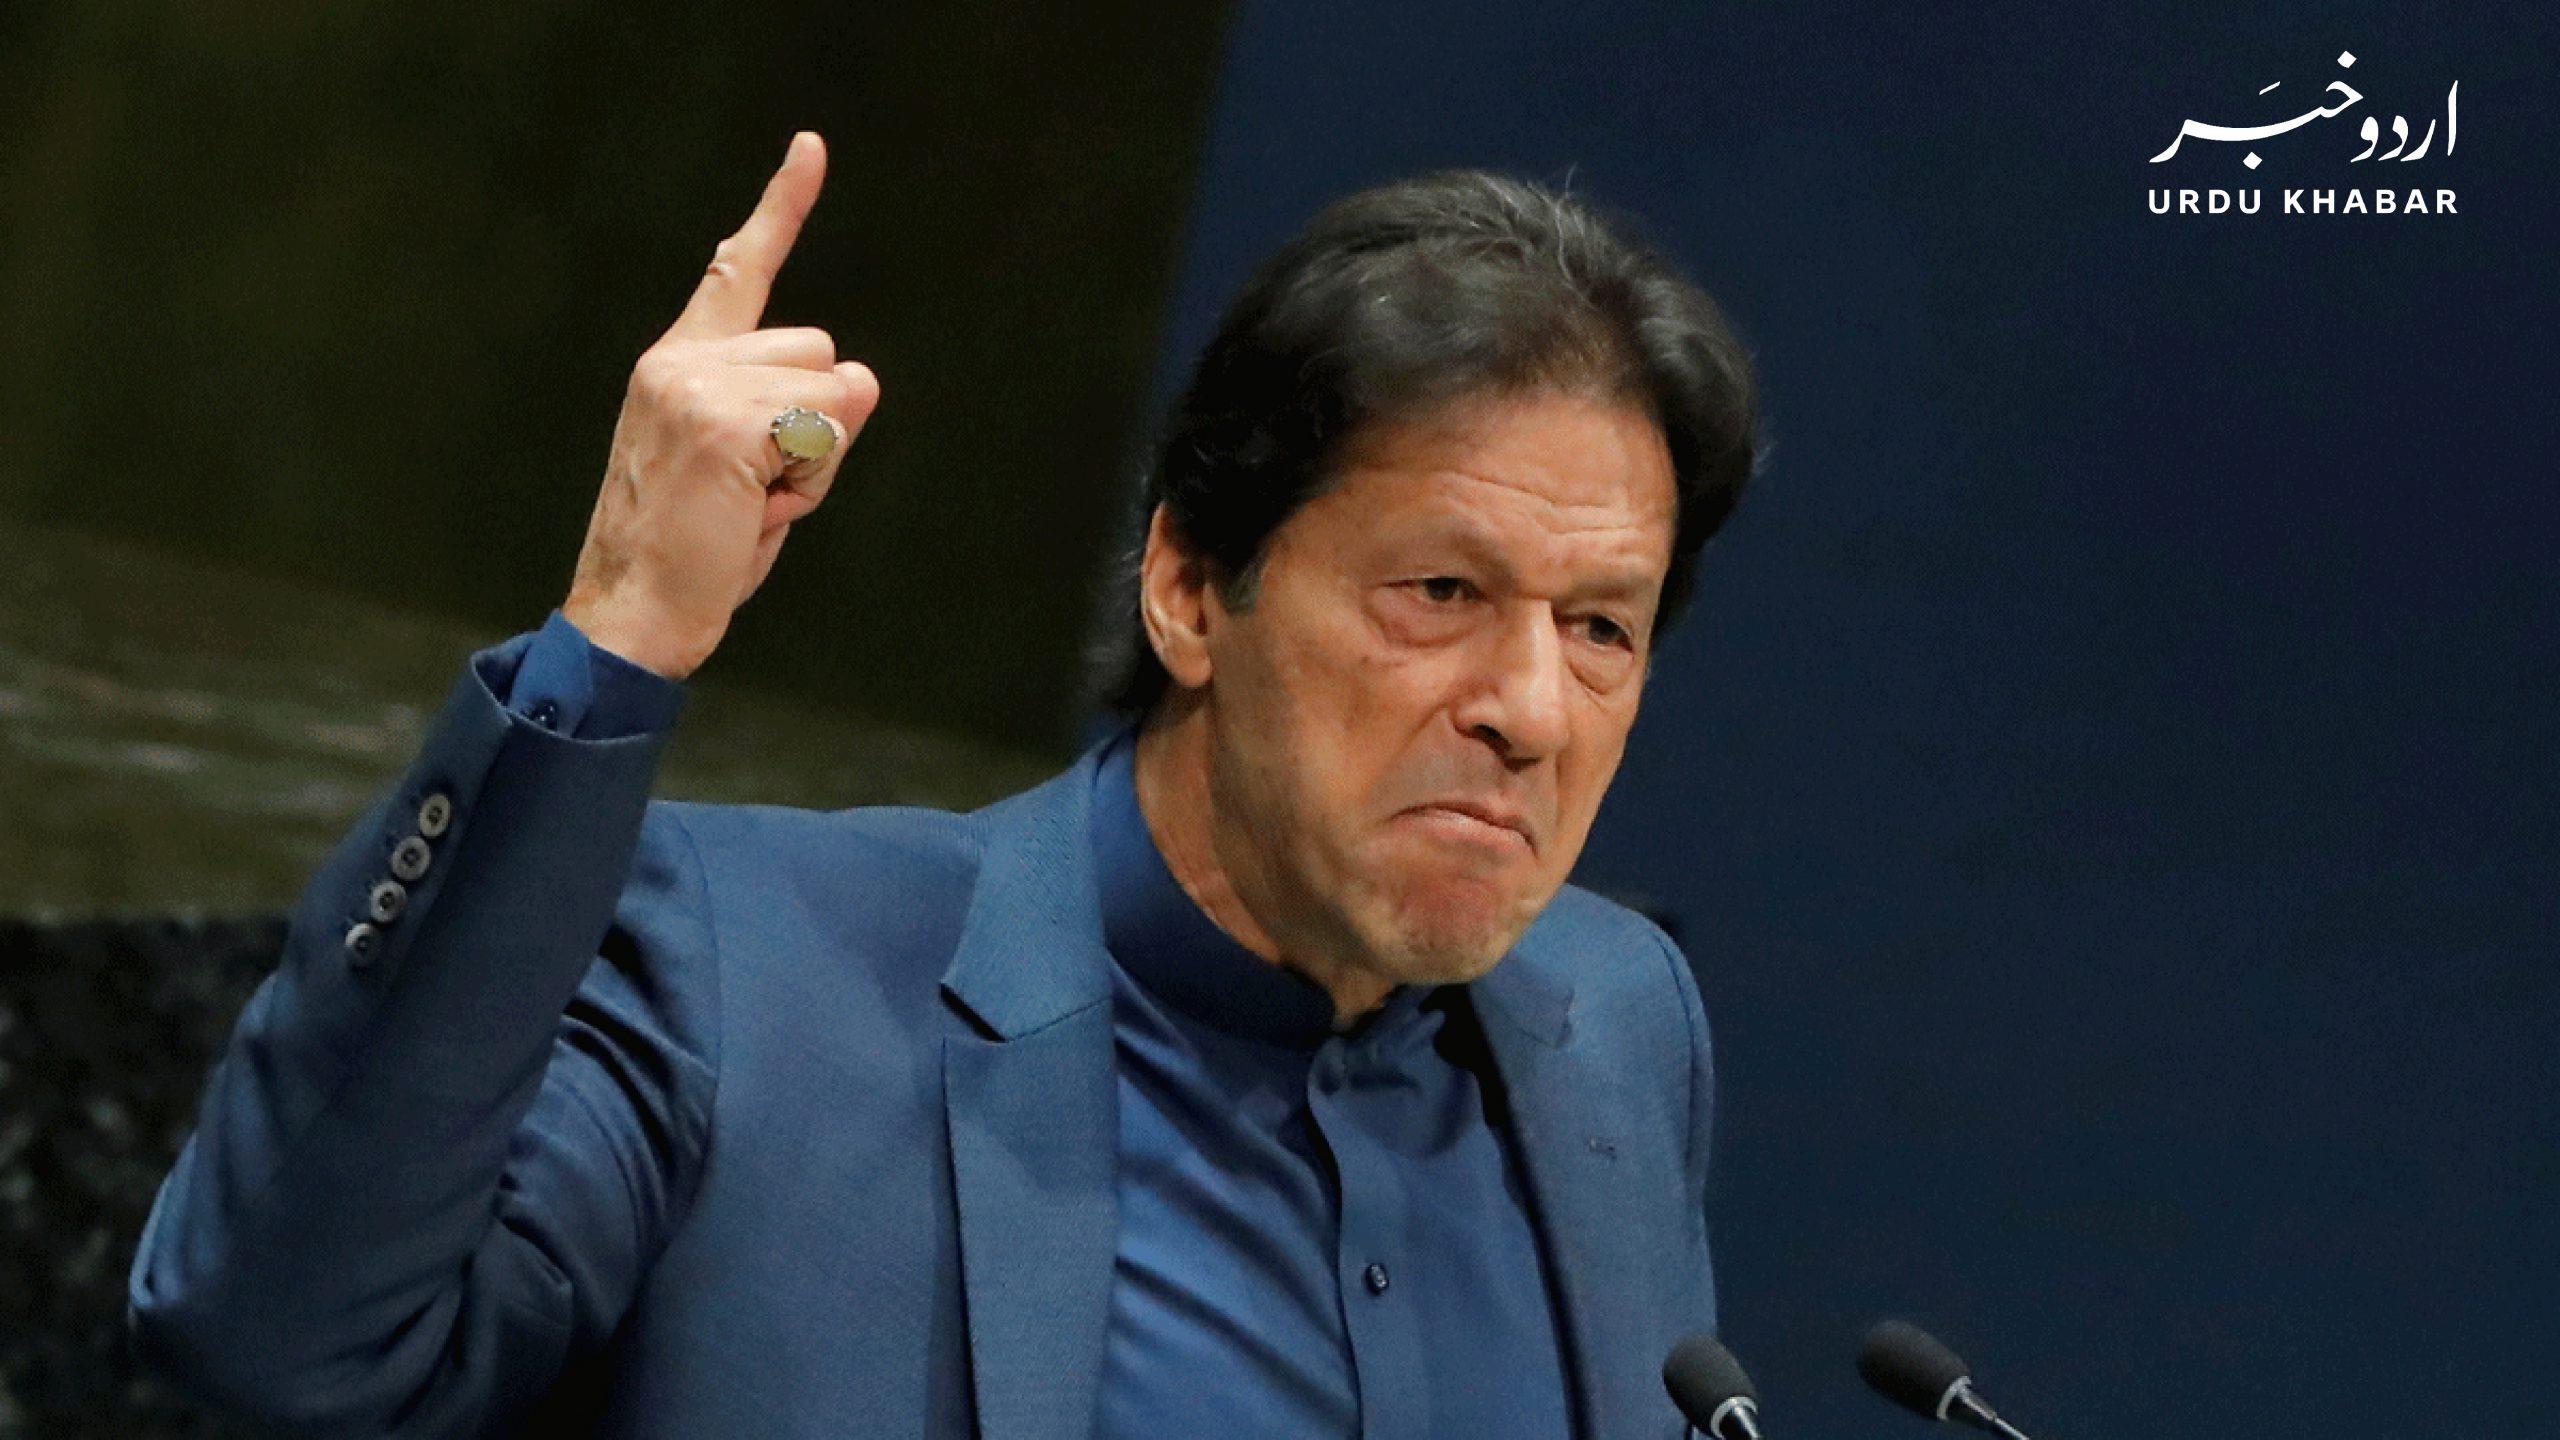 عمران خان ہمسایہ ممالک سے بہترین تعلقات کے خواہش مند